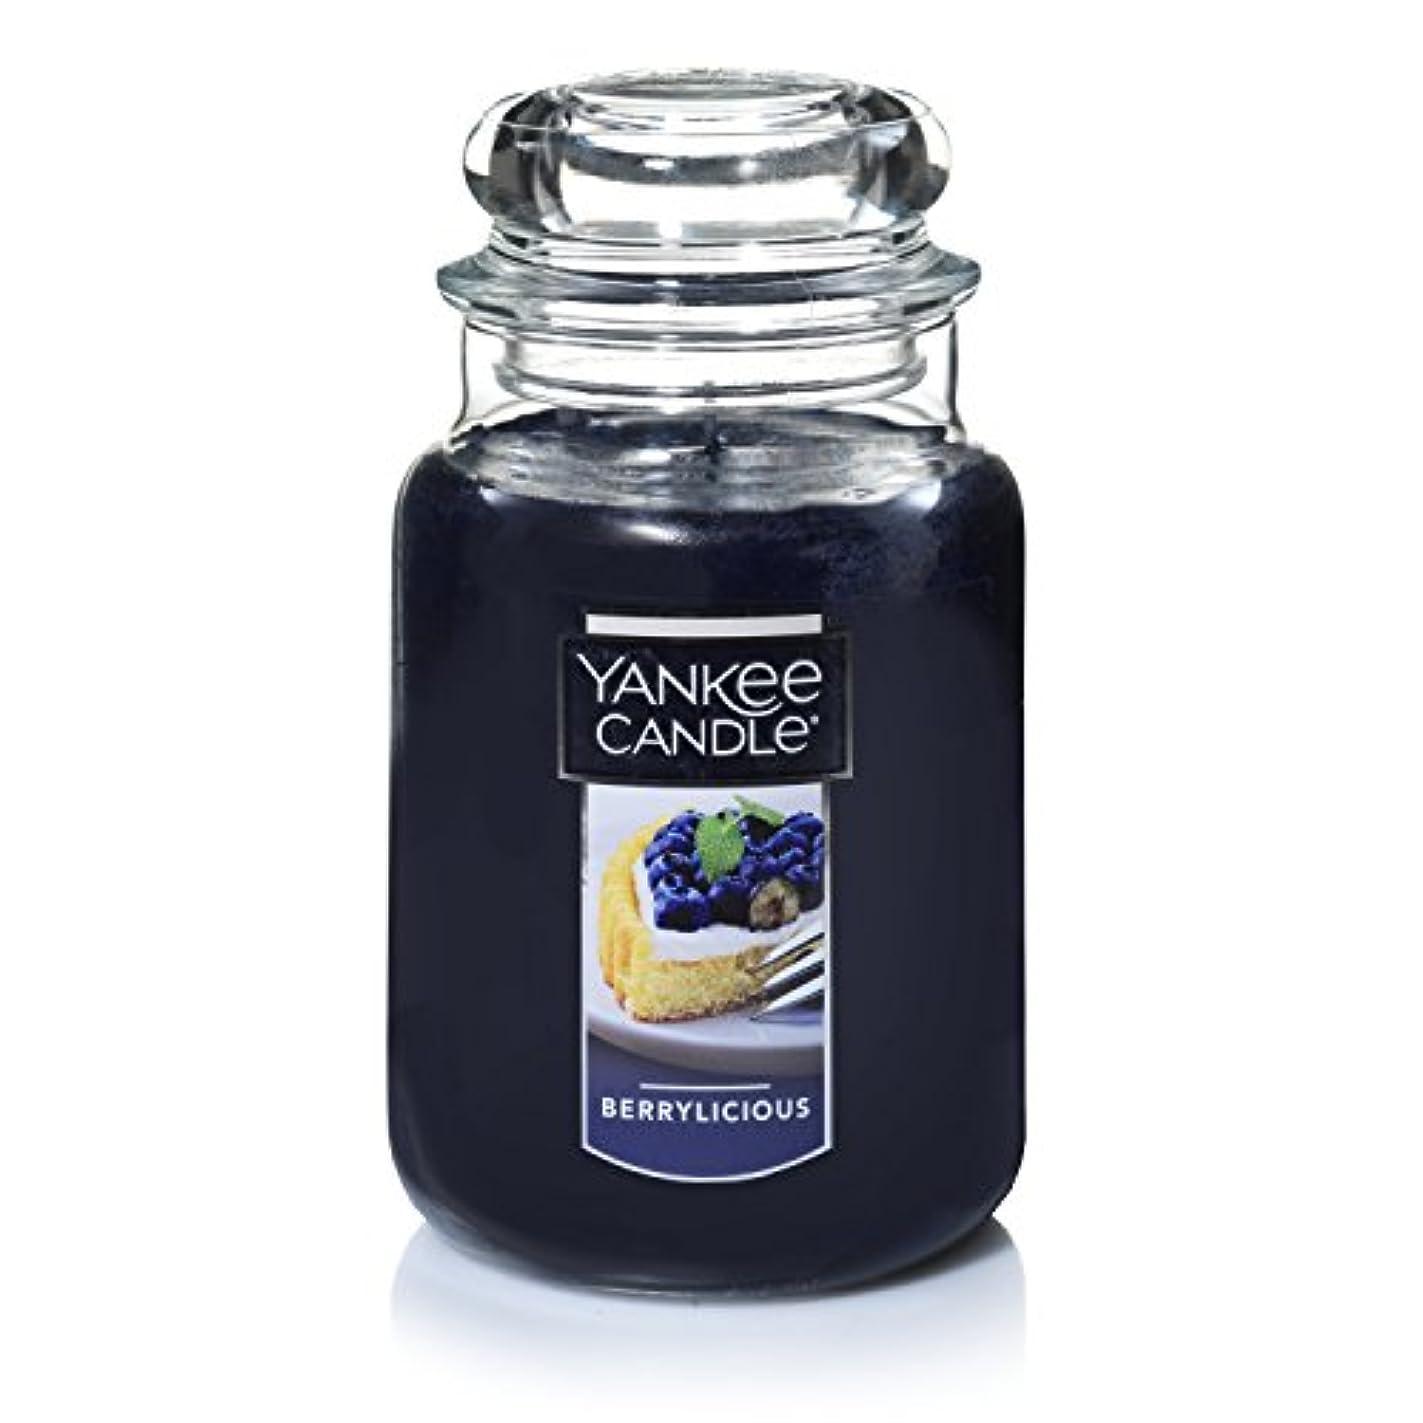 孤独確率砂のYankee Candle Berrylicious、フルーツ香り Large Jar Candle 1303328